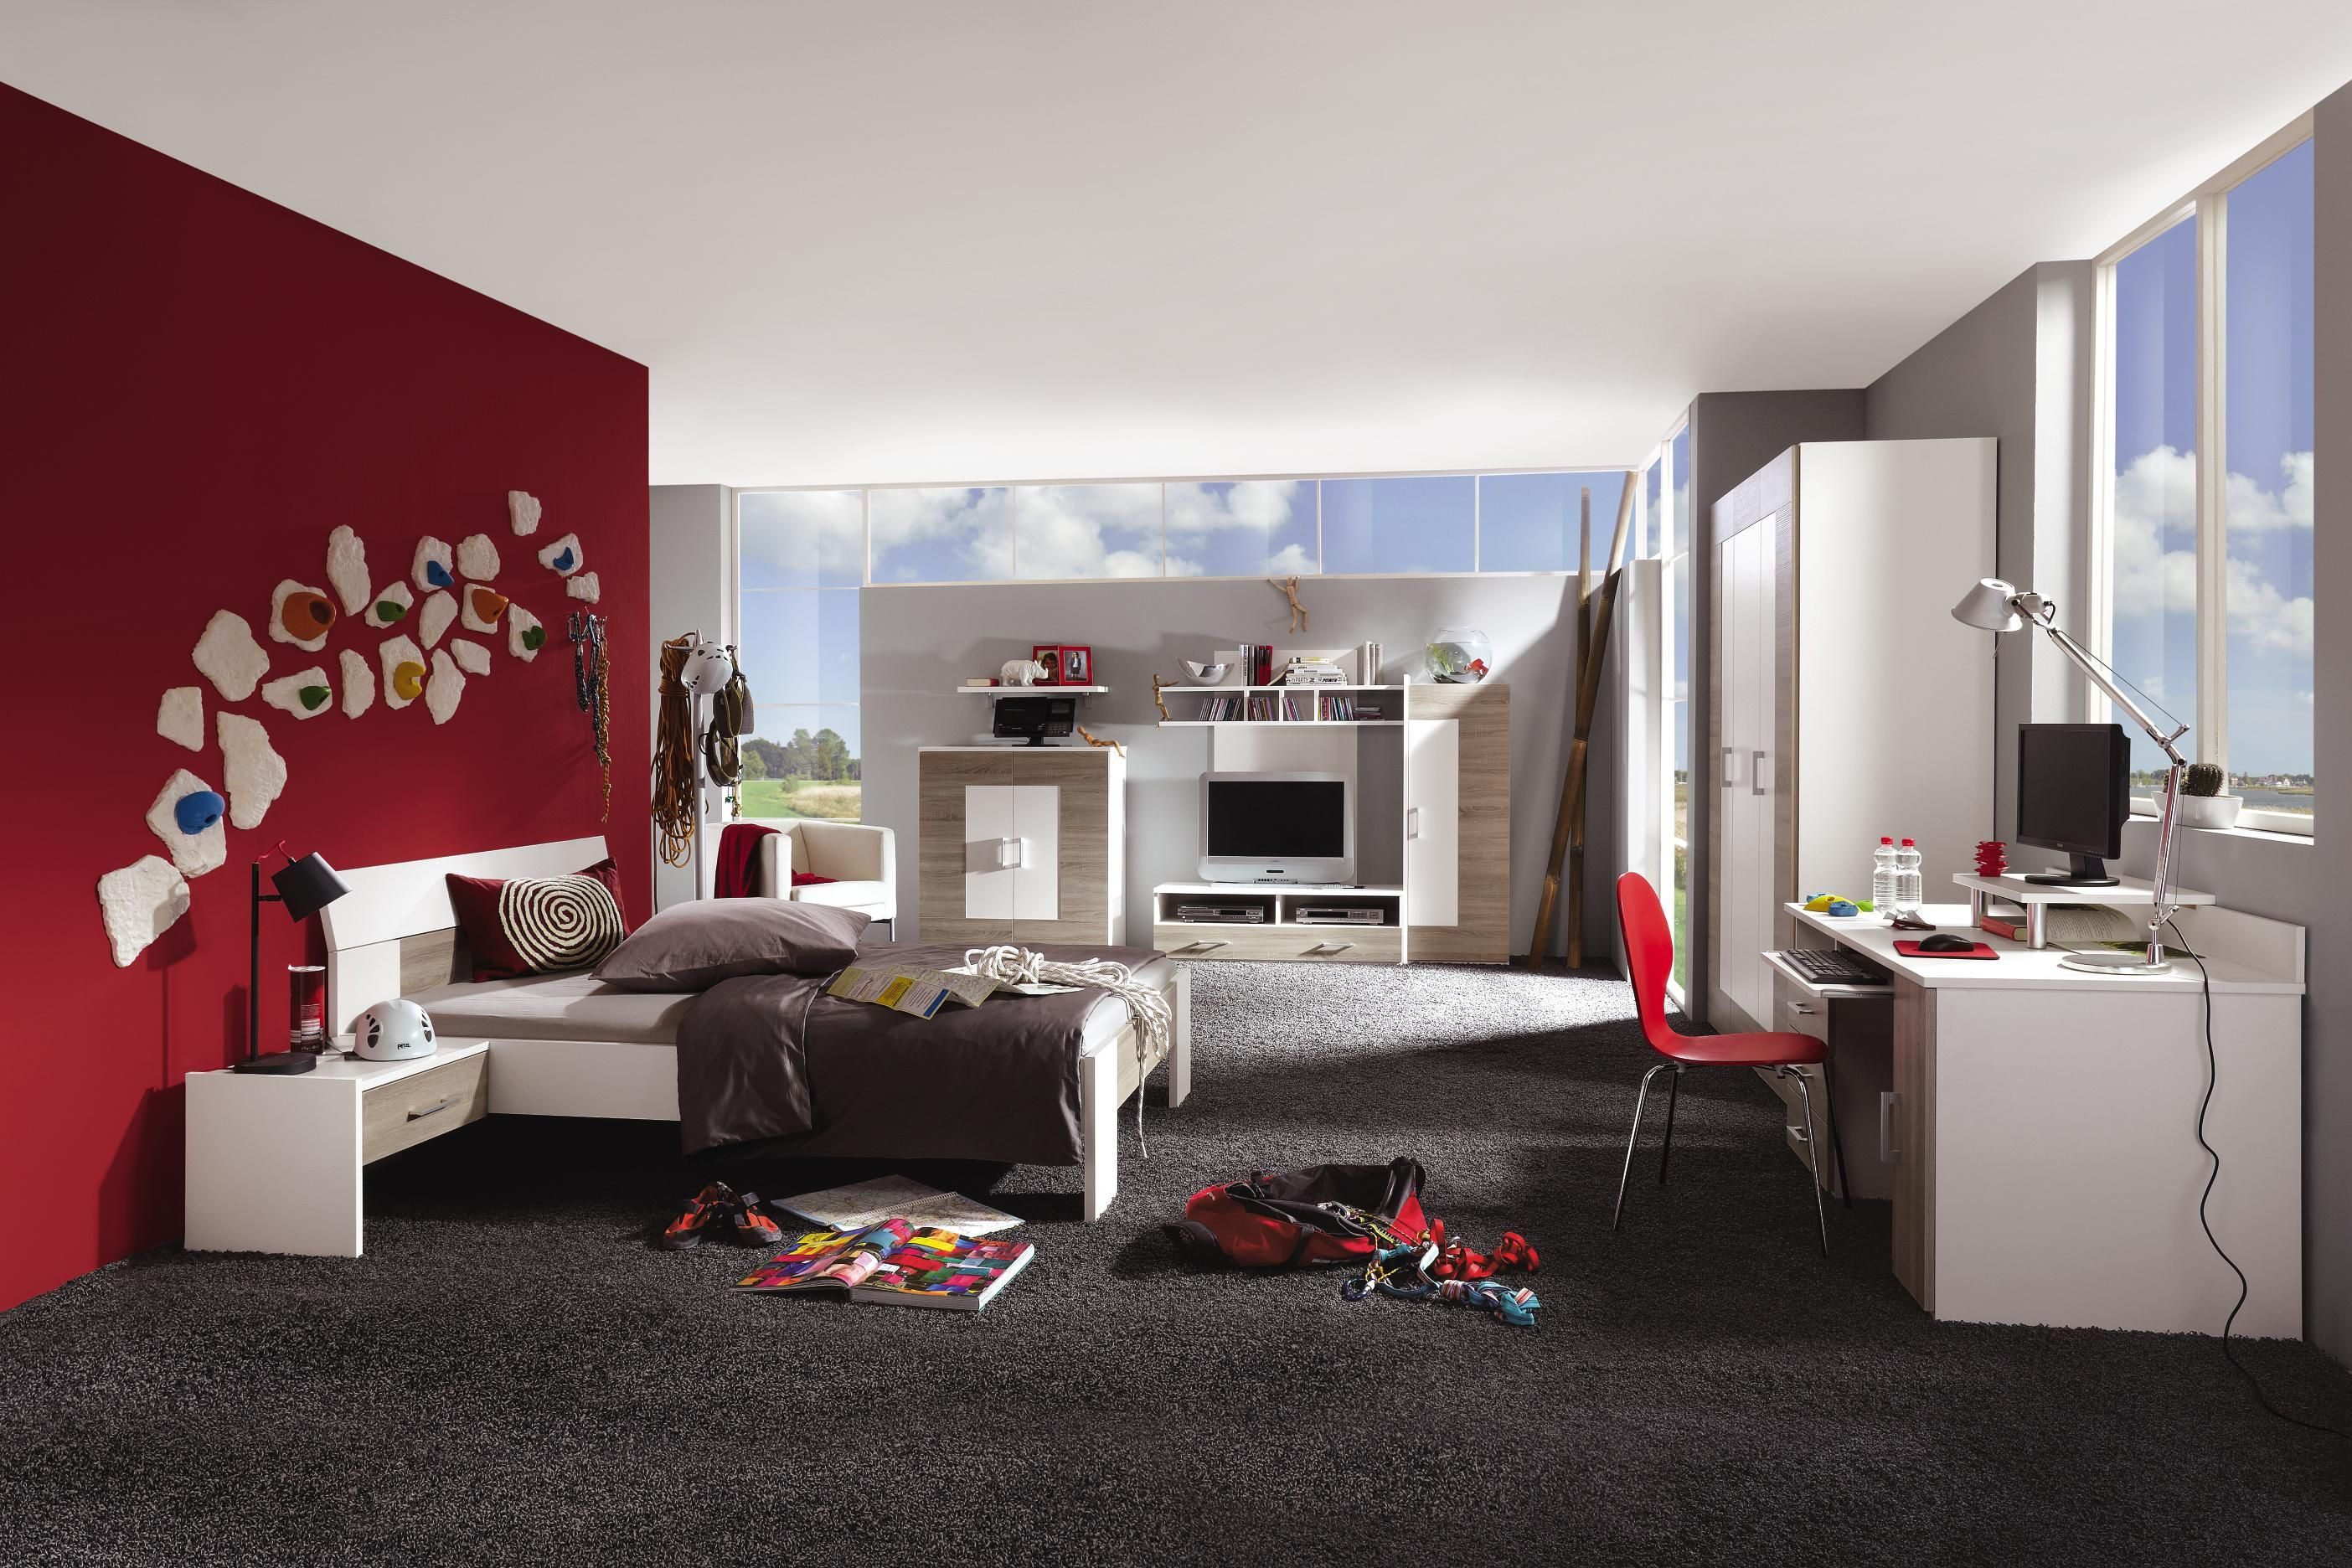 Helles Jugendzimmer Stauraum Und Funktionalitat Im Besten Design